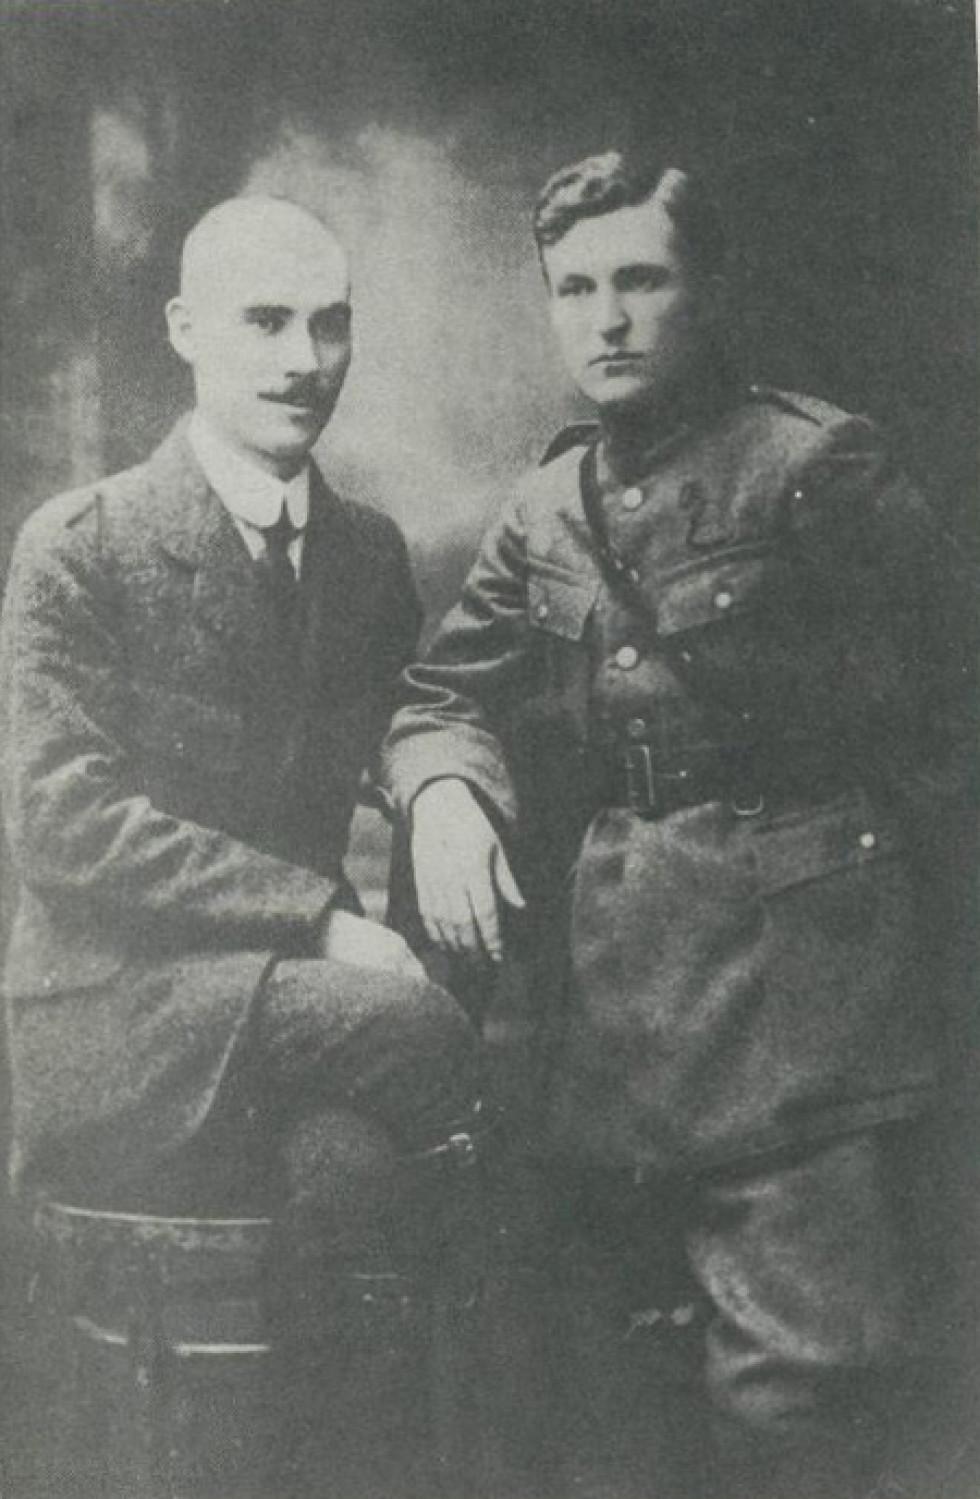 Митрофан Швидун (праворуч), разом із сотником Коржем, 1920-ті роки